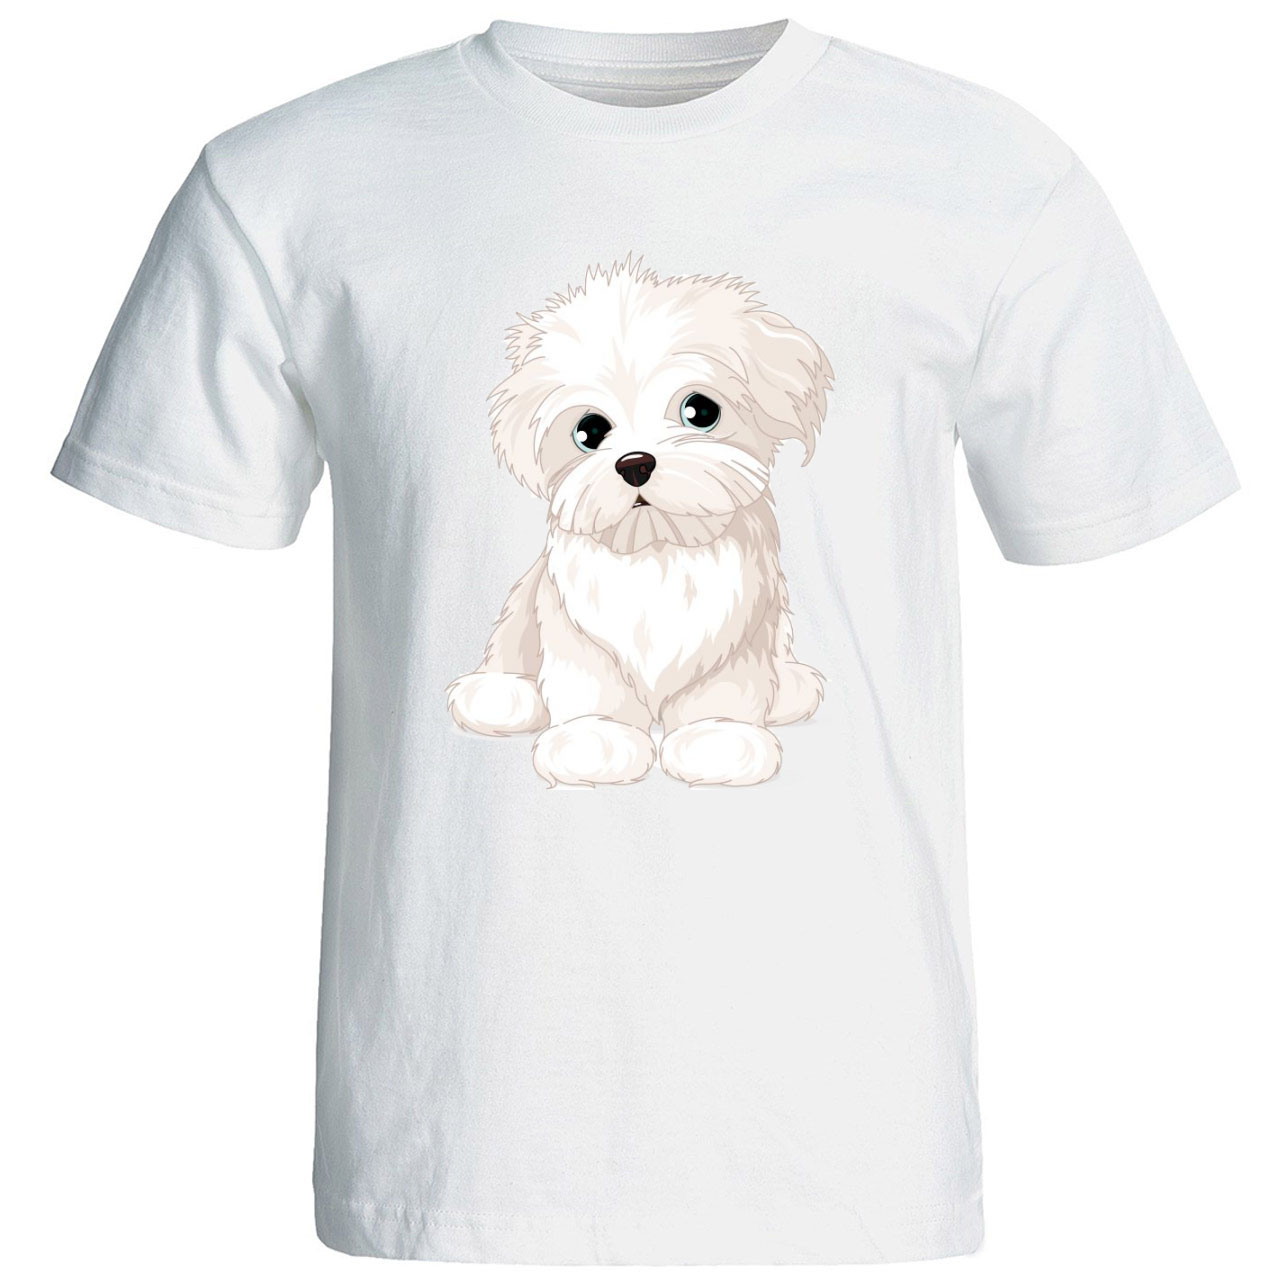 خرید تی شرت استین کوتاه زنانه الی شاپ طرح 12567